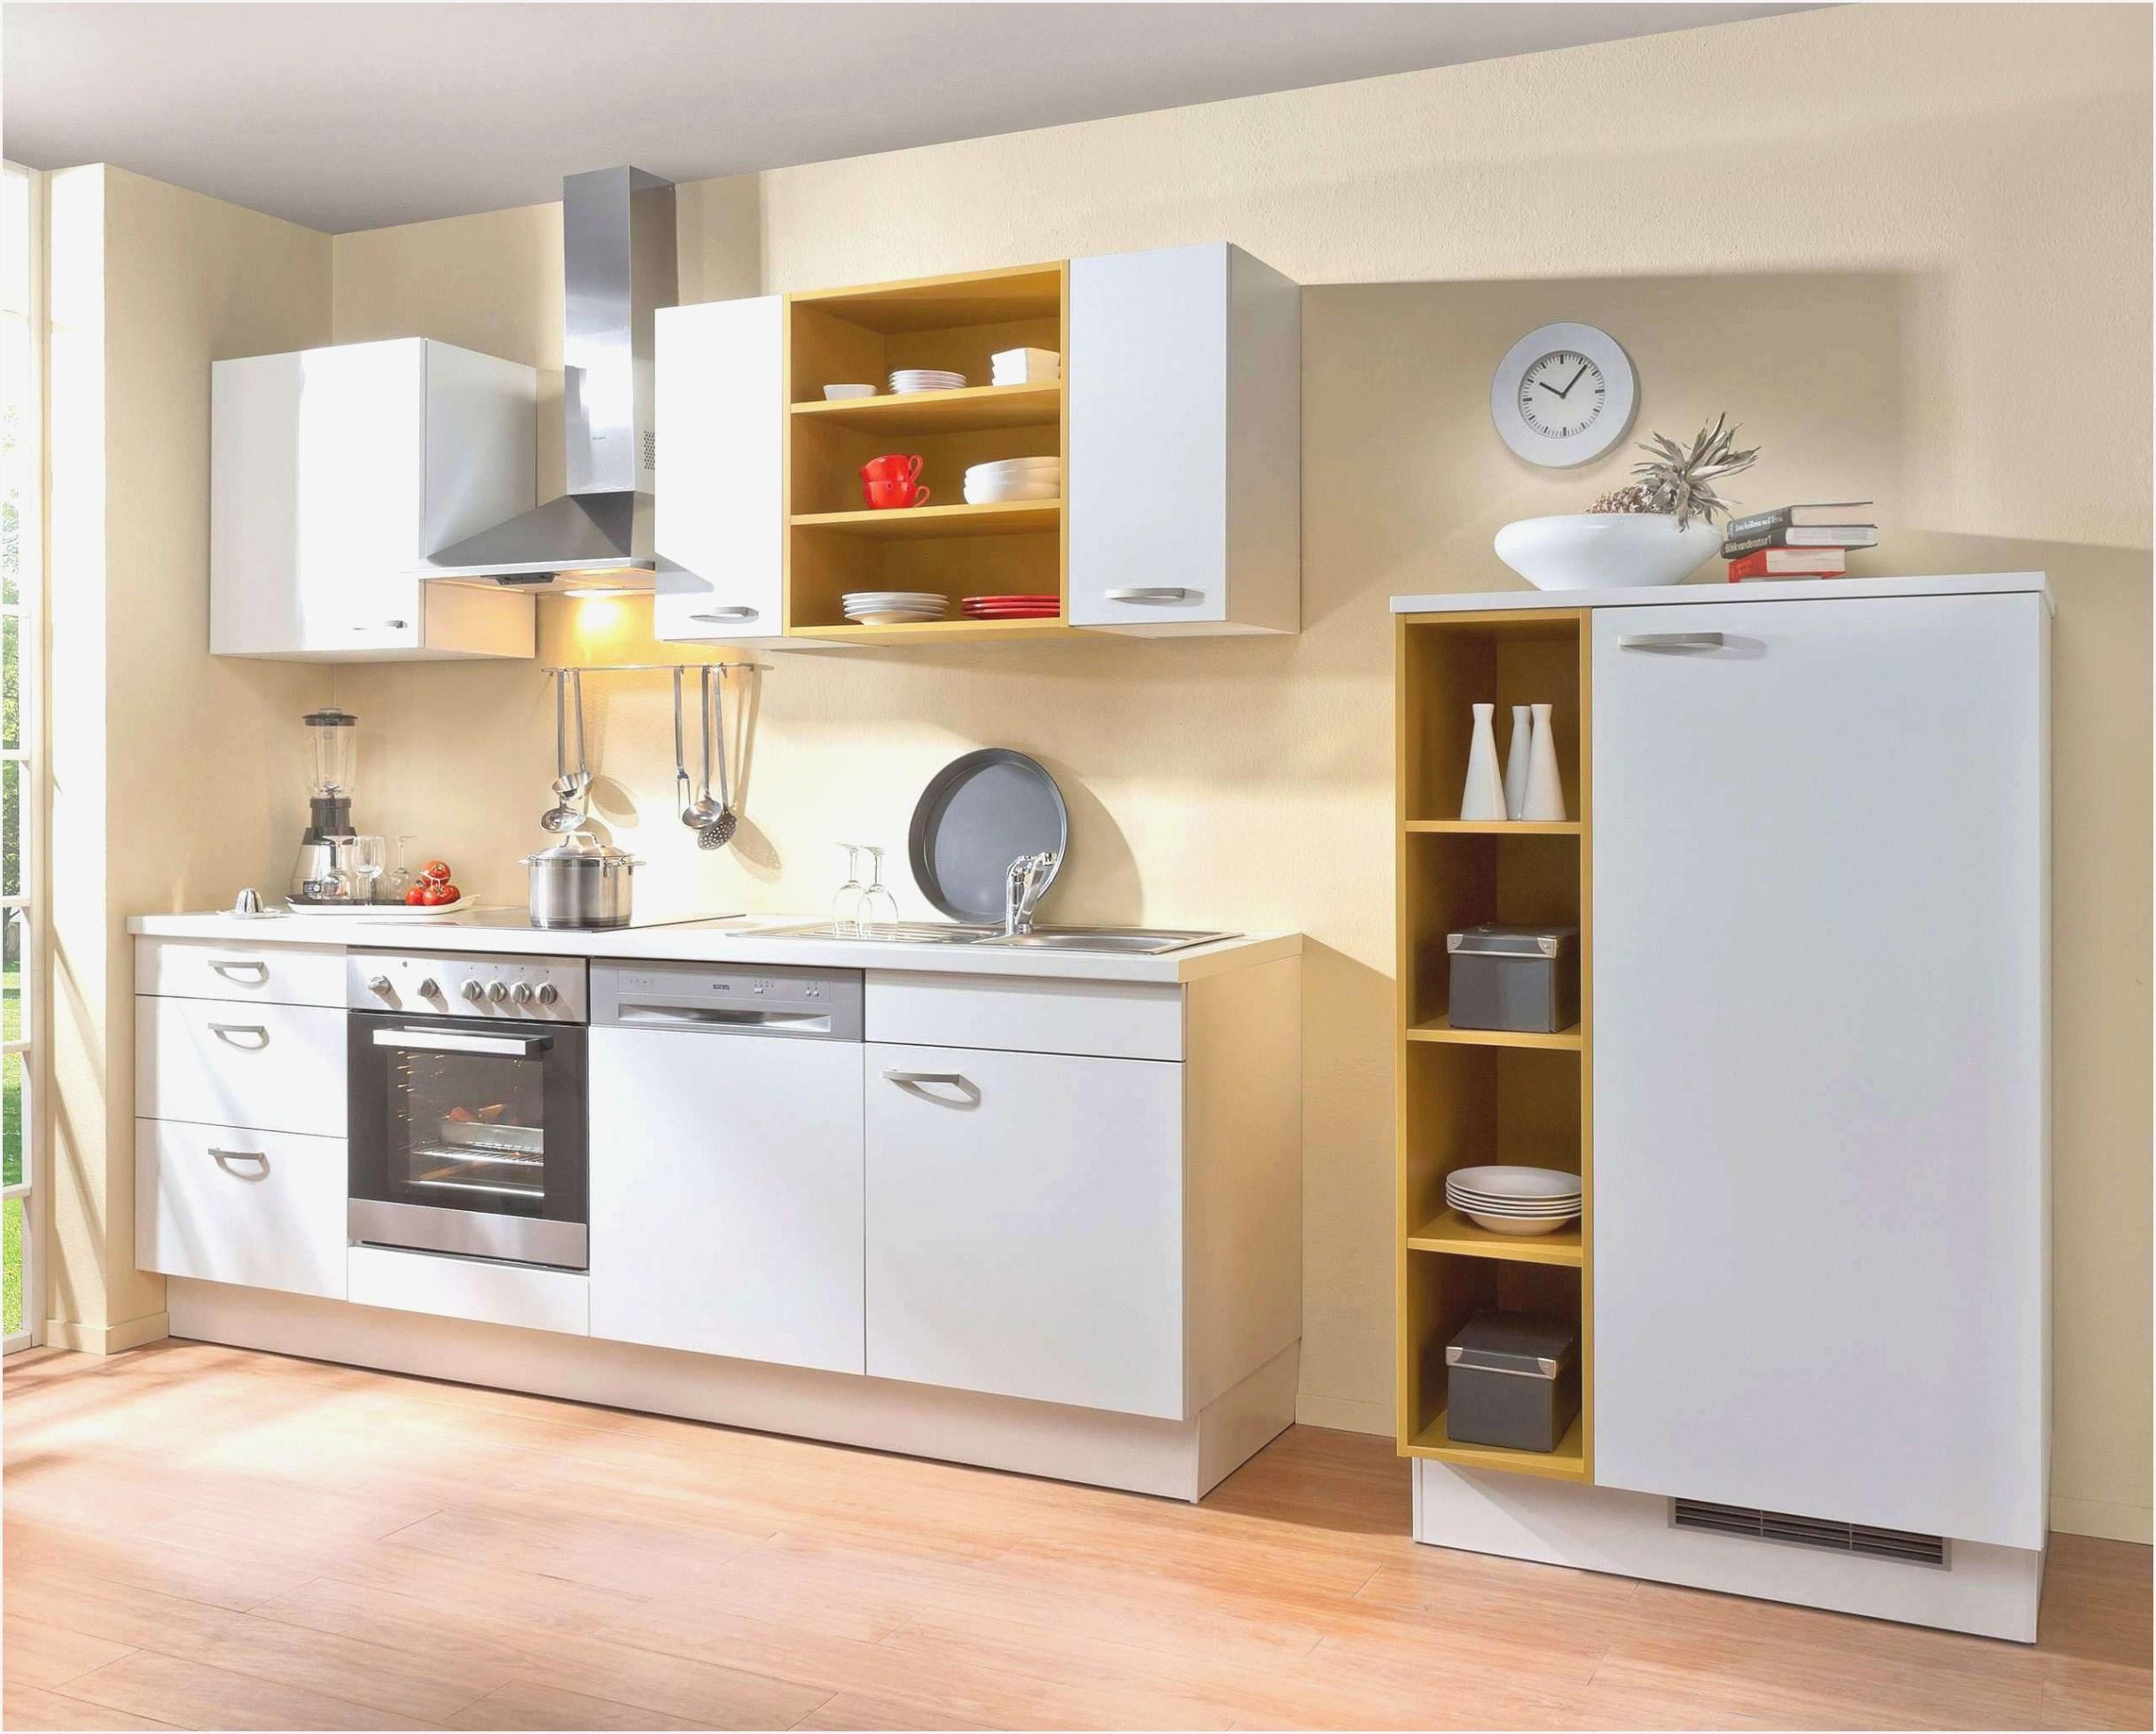 Full Size of Günstige Einraumwohnung Mit Einbauküche Und Badezimmer Küche Küche Kaufen Günstig